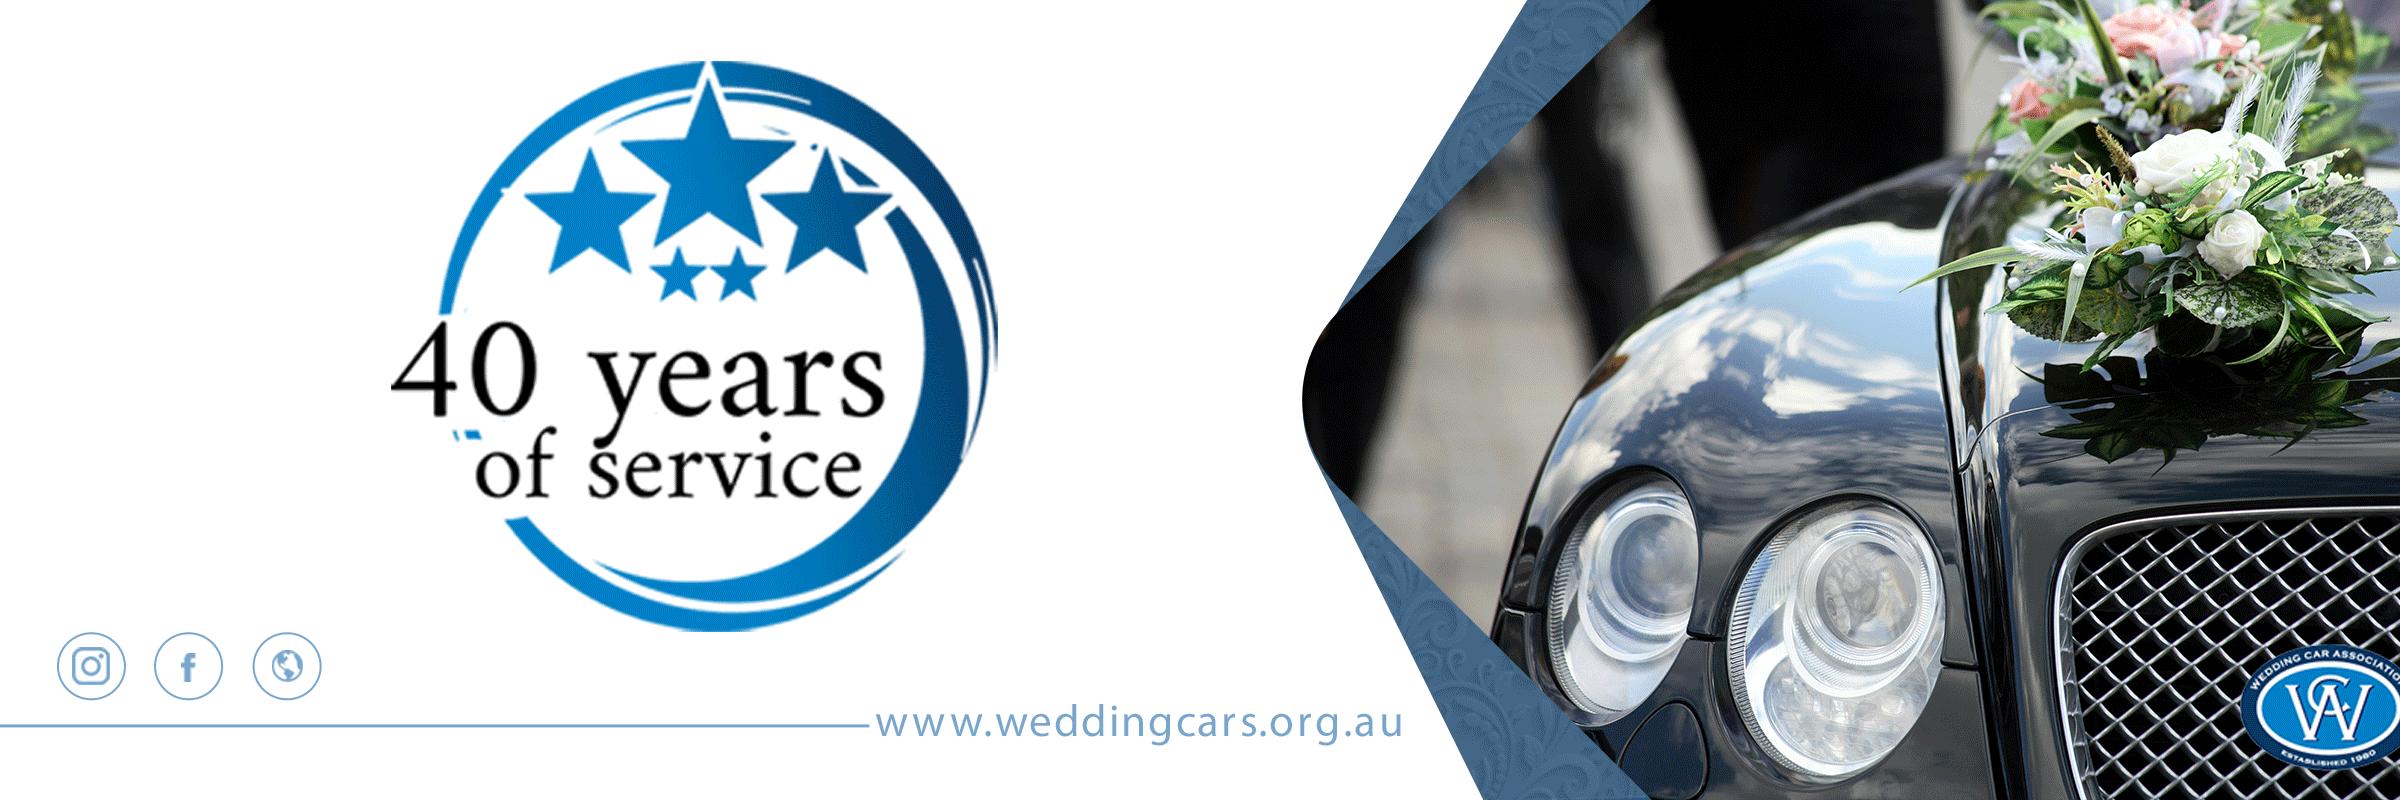 Wedding Car Industry